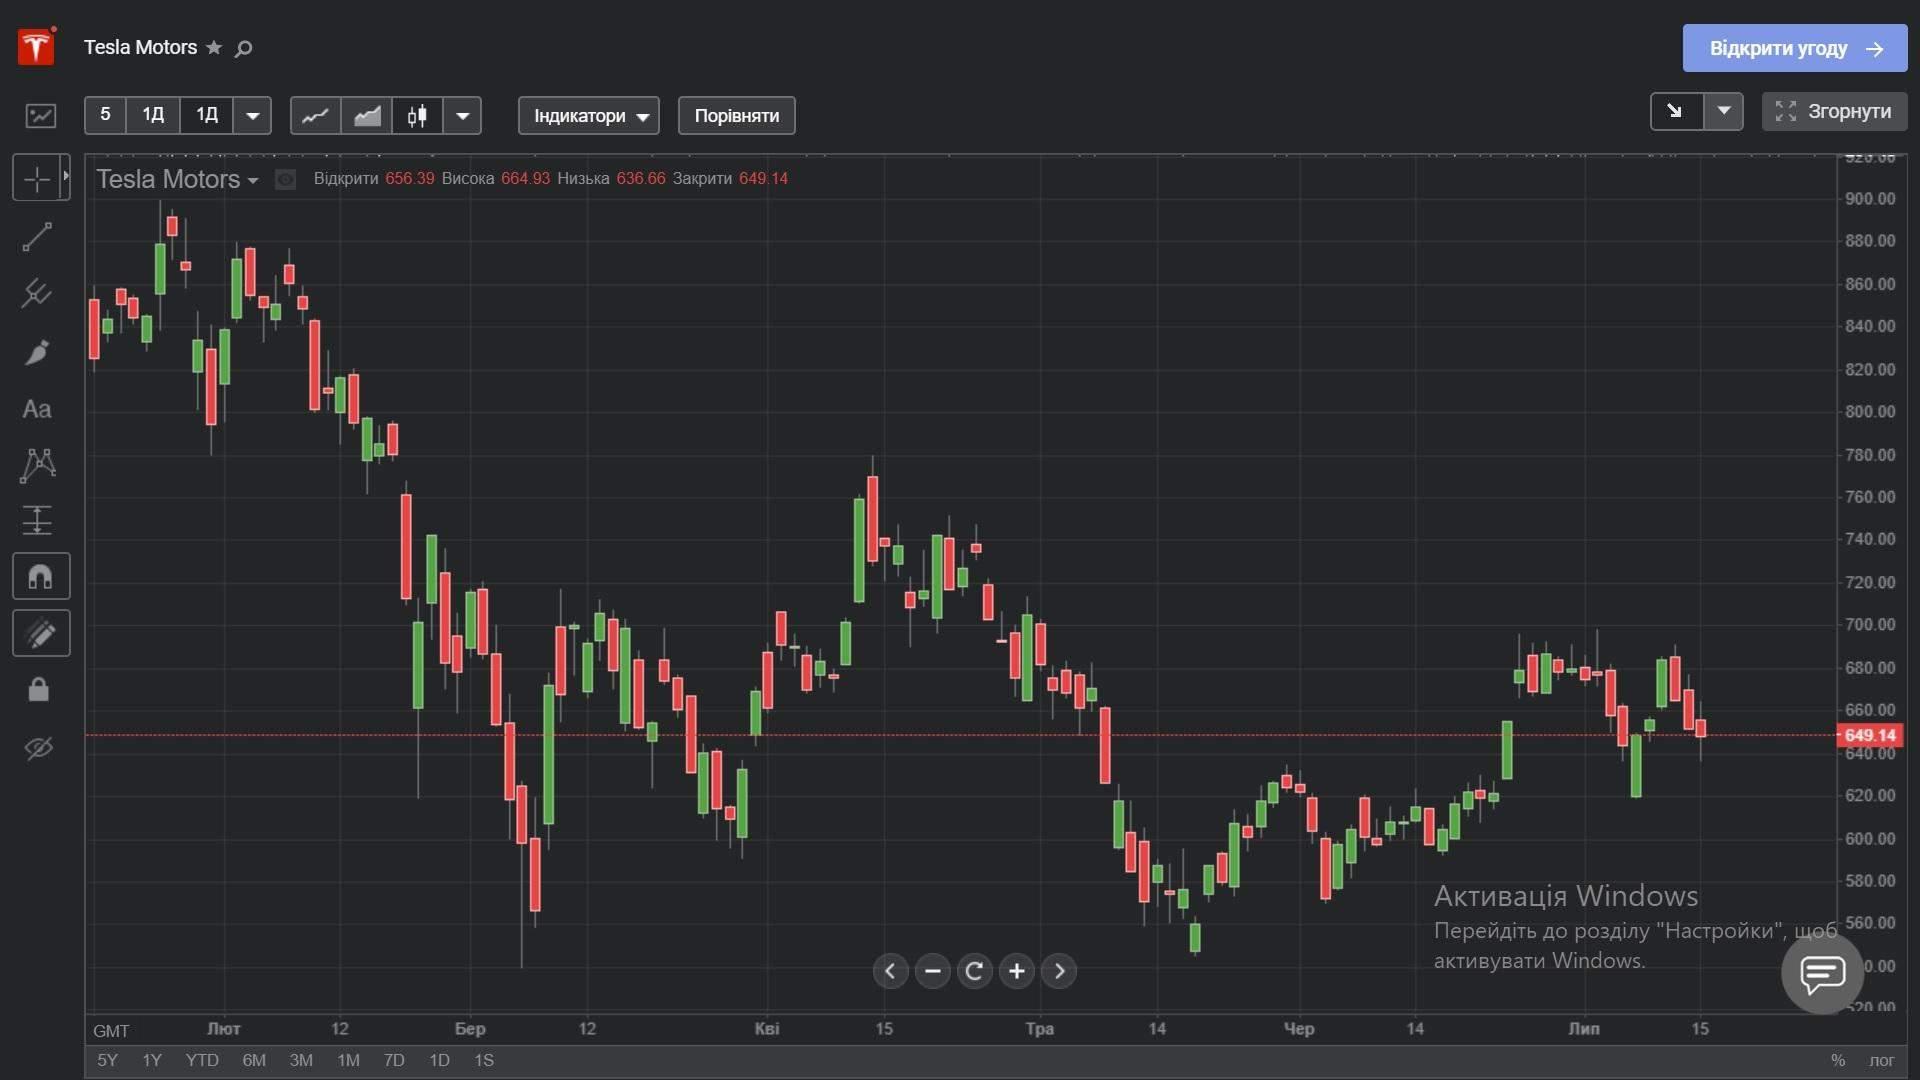 Акции Tesla с начала года